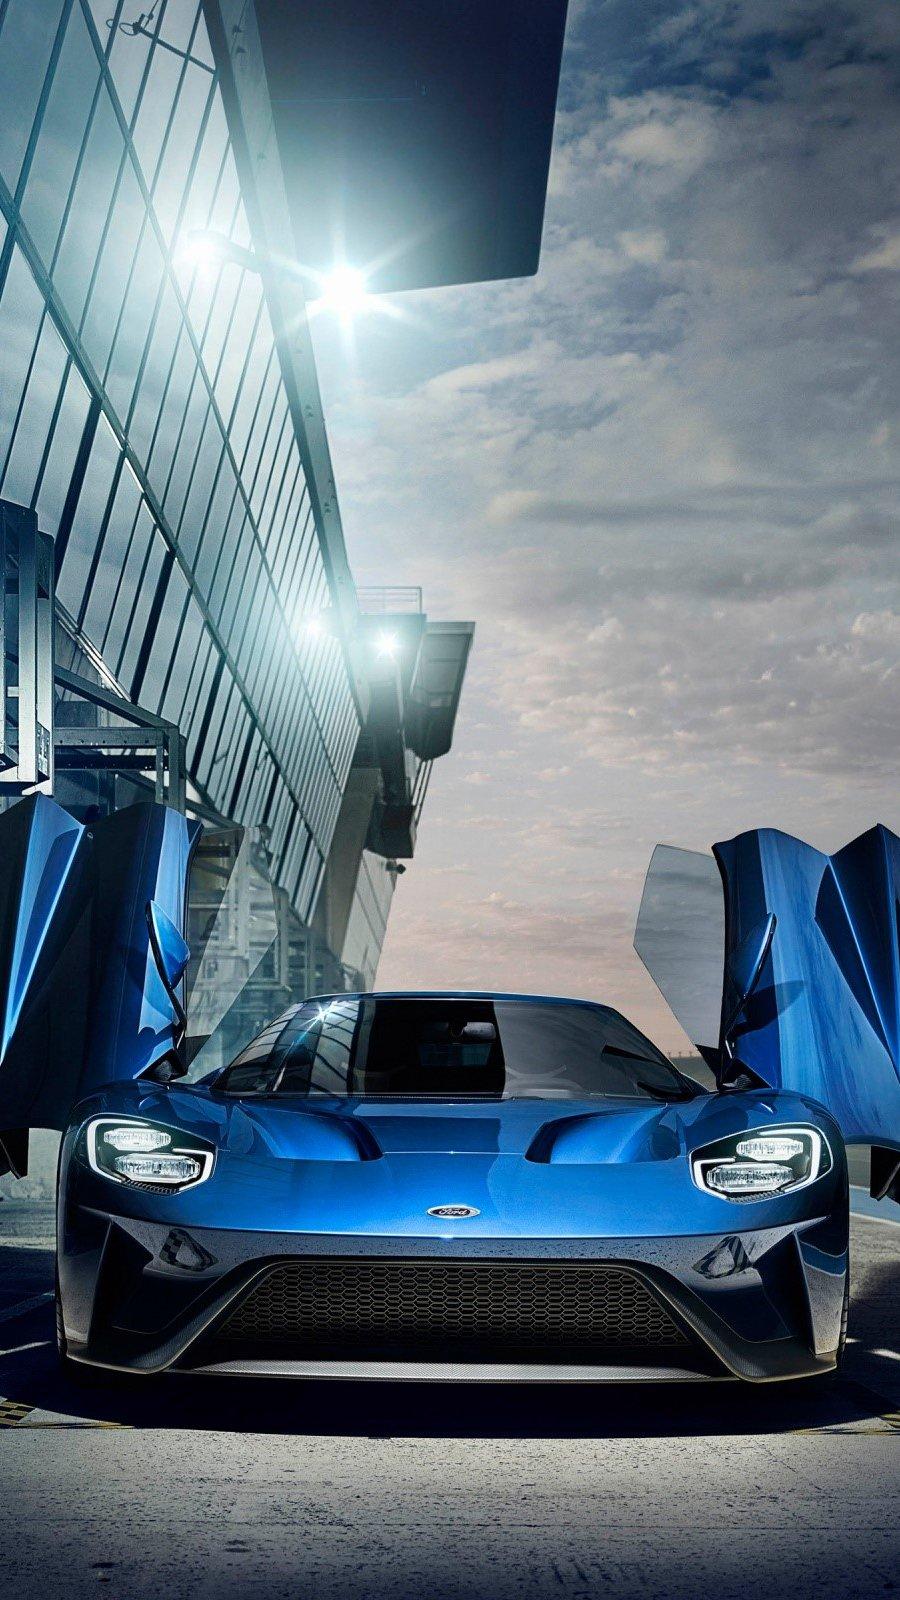 Wallpaper Ford GT Vertical